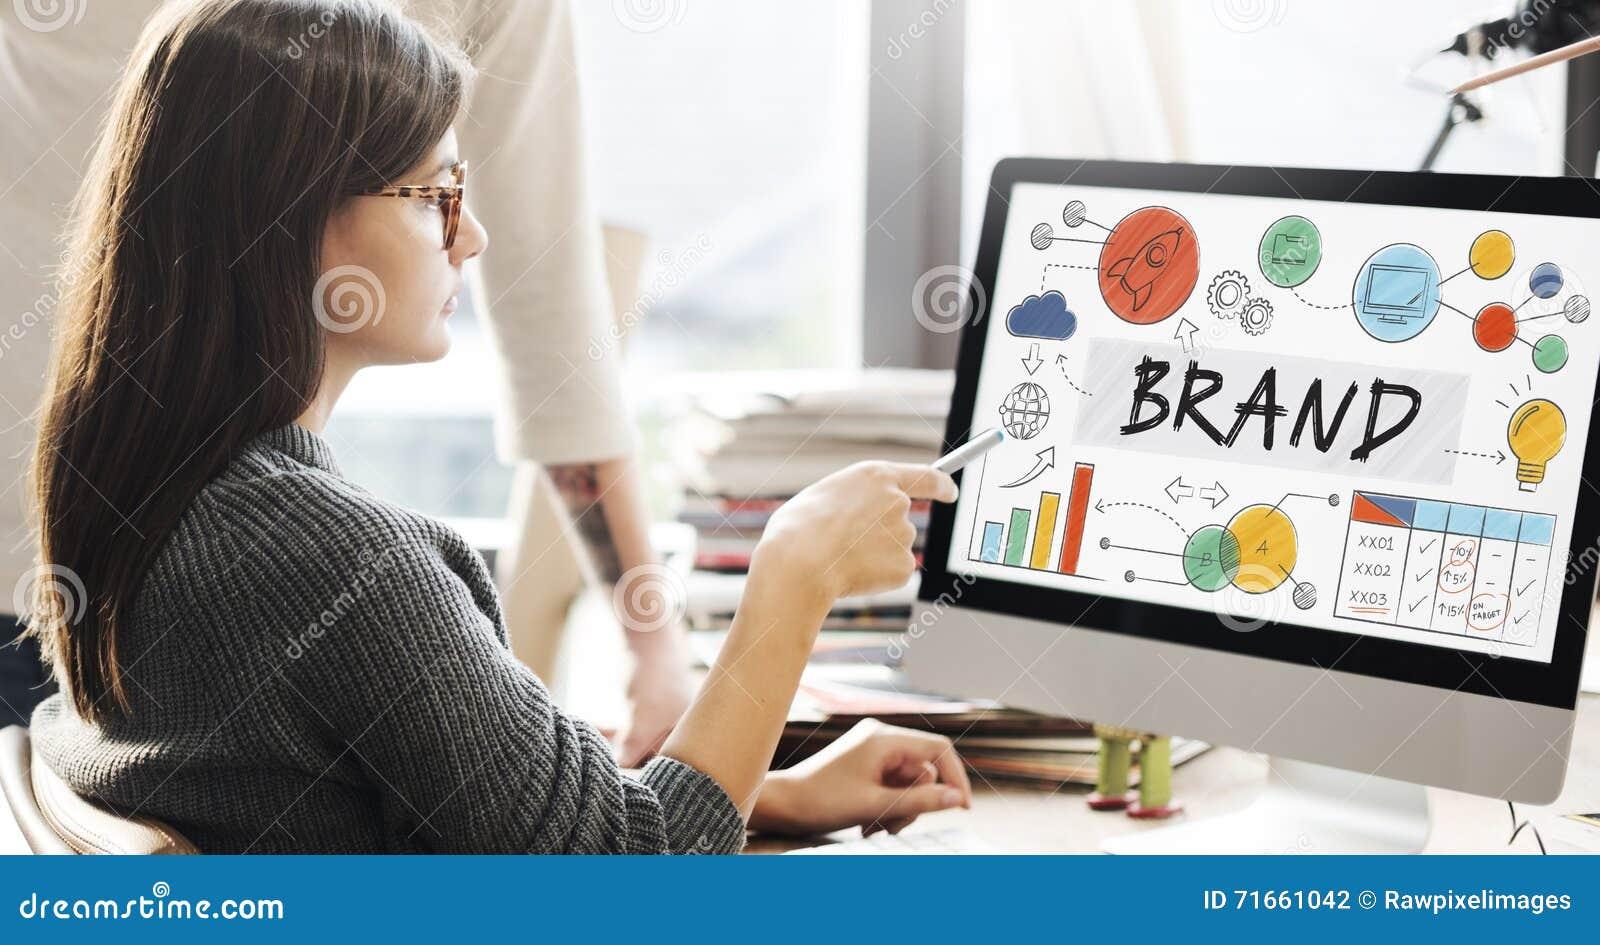 Concetto marcante a caldo di vendita di marchio di fabbrica di pubblicità di marca